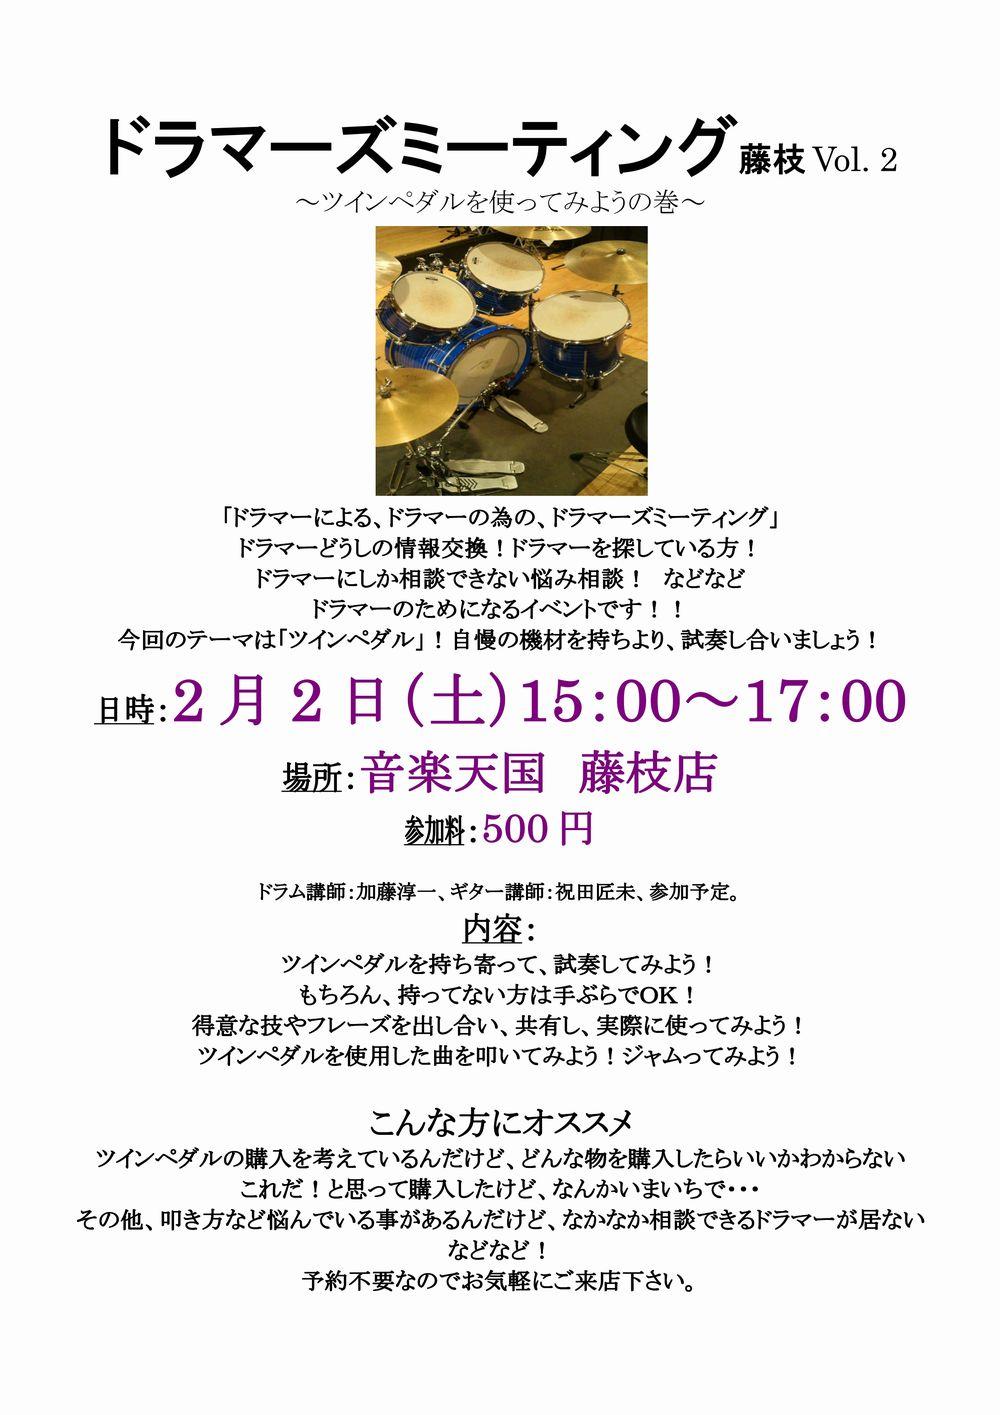 ドラマーズミーティング@藤枝店2月2日(土)開催!